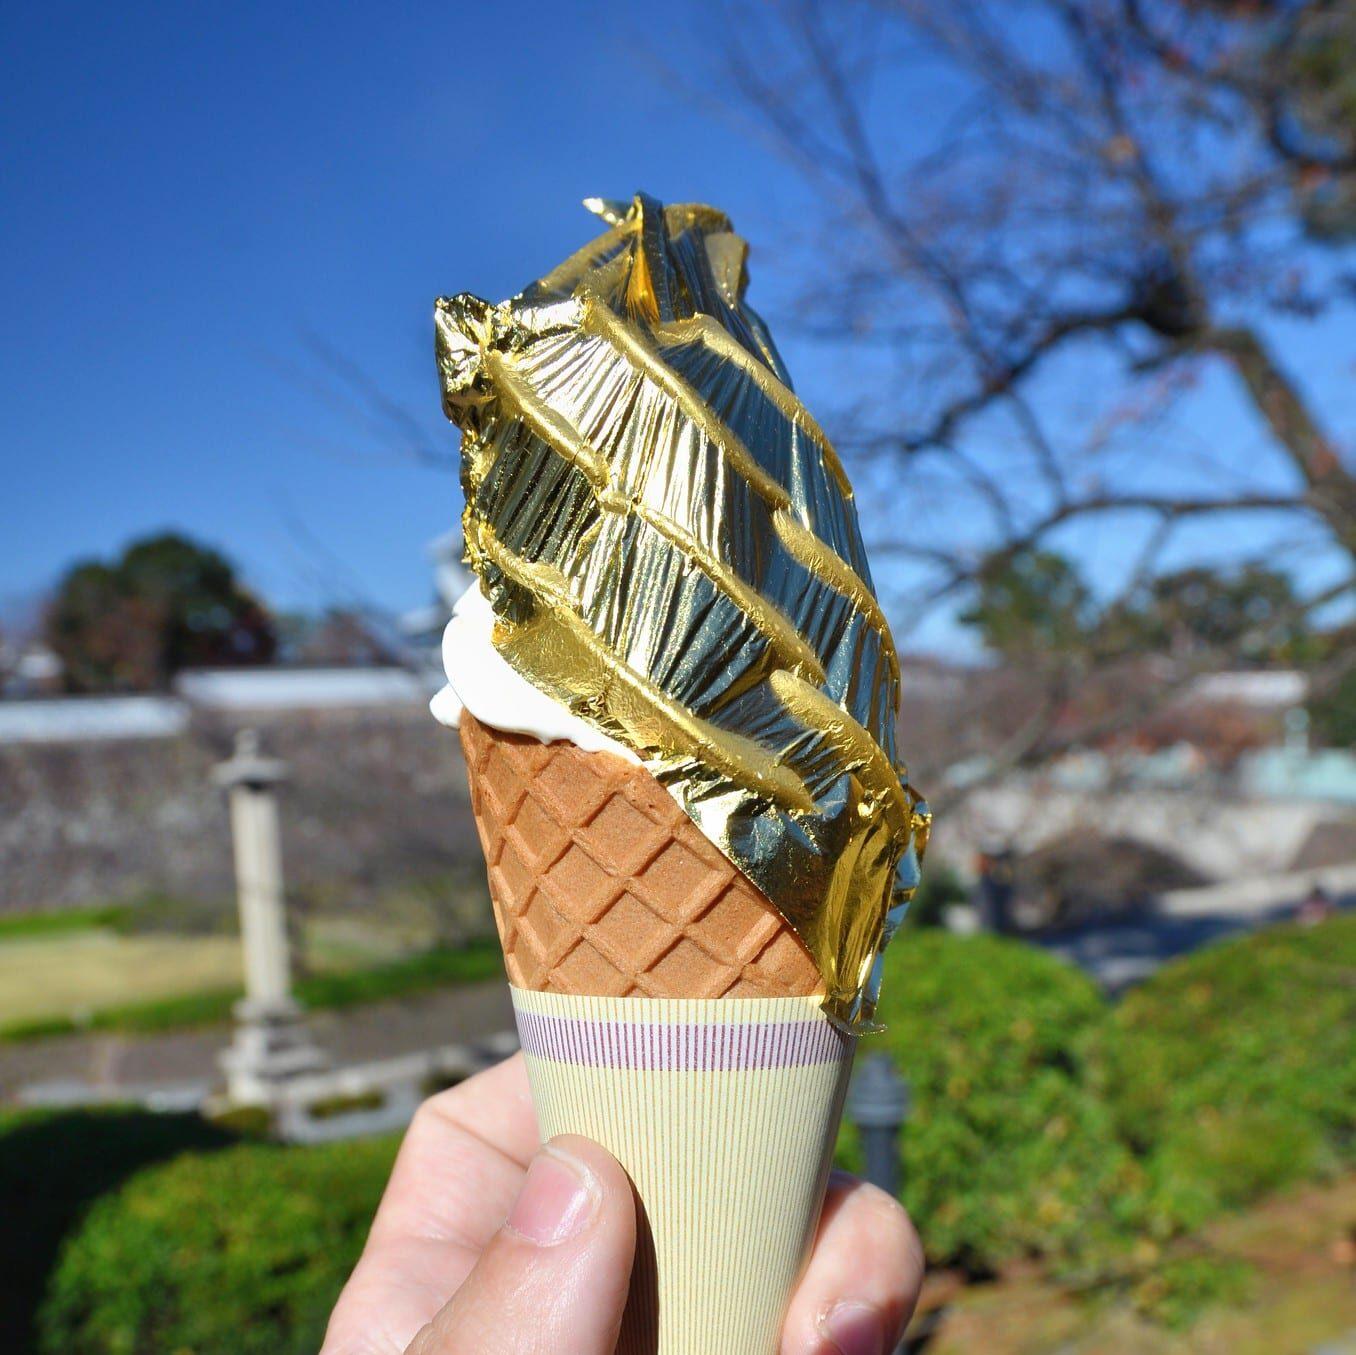 Helado con hoja de oro en Japón, Imagen vía Flickr